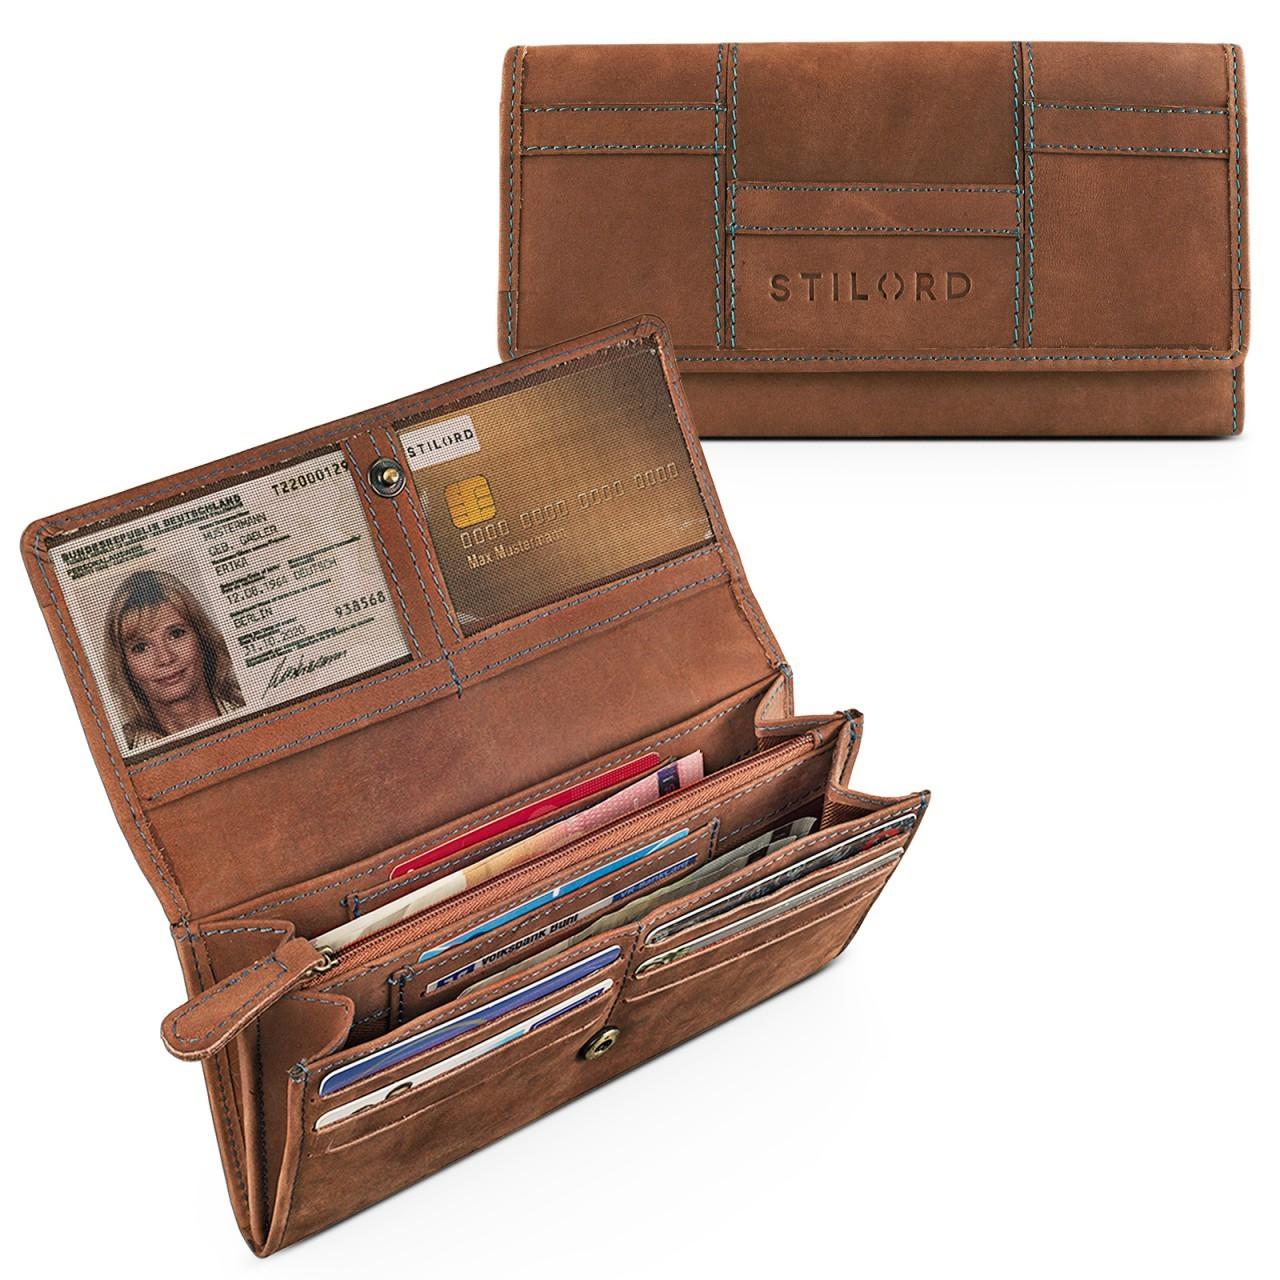 STILORD Vintage Portemonnaie aus Leder für Damen groß Geldbeutel Ledergeldbörse Reißverschluss Kartenfach Büffel-Leder braun - Bild 2